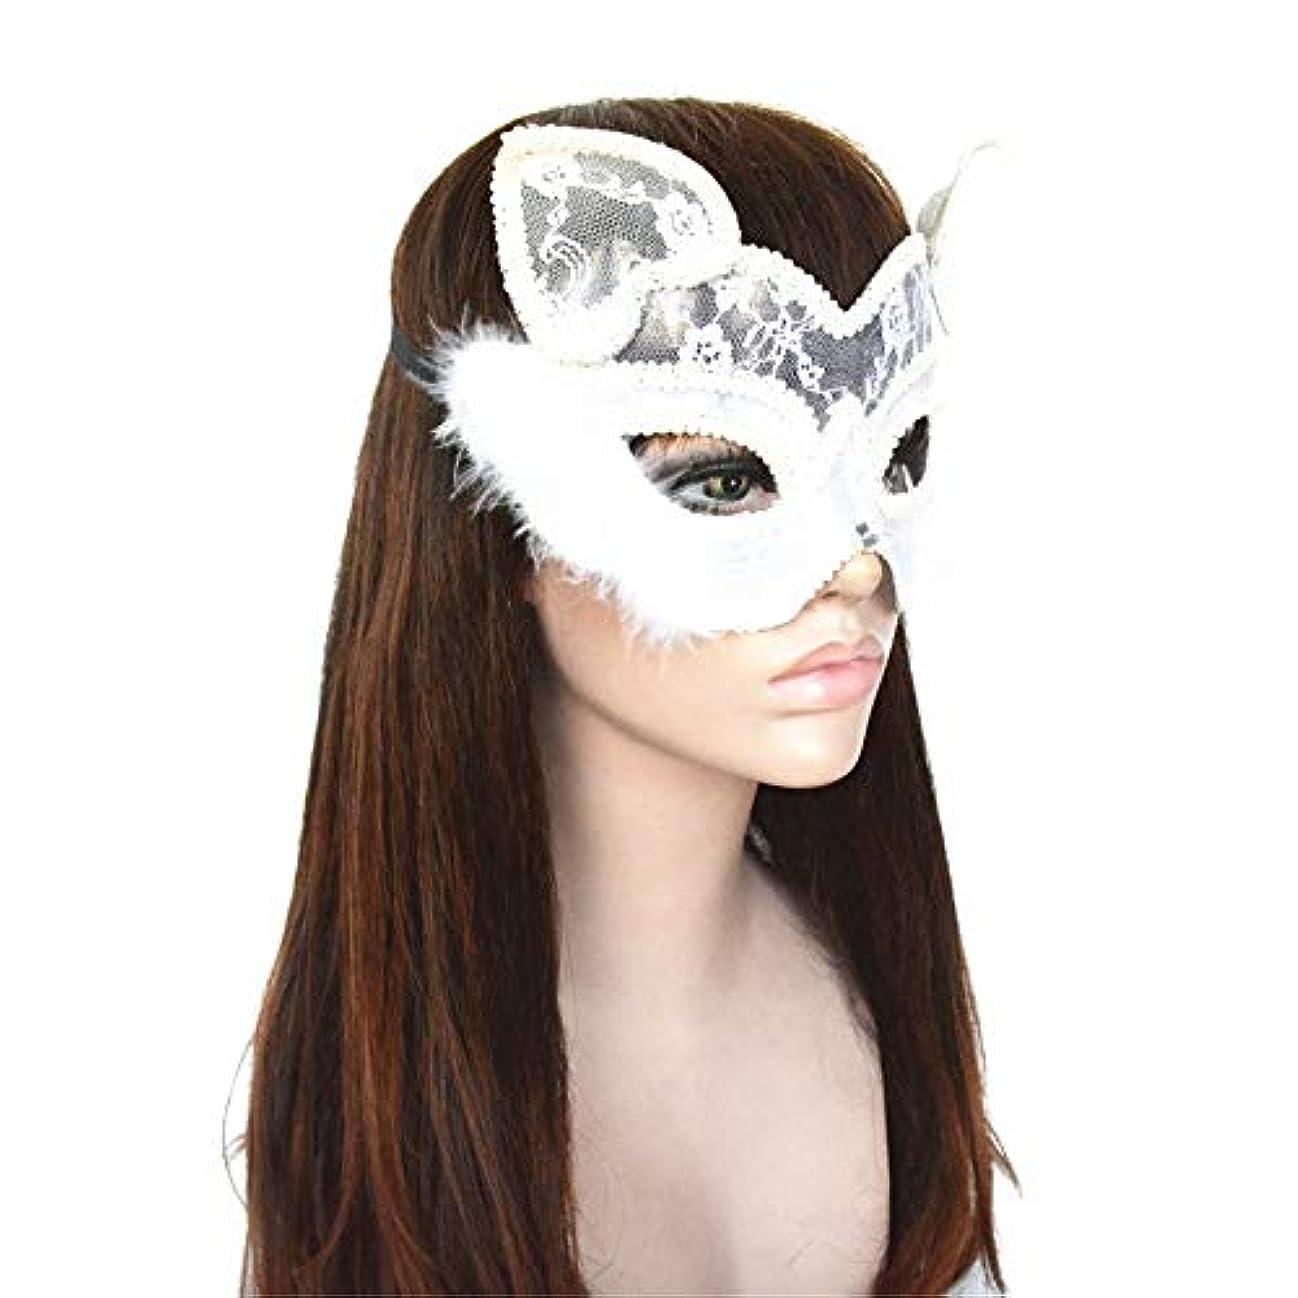 上級英語の授業があります一緒にダンスマスク レース楽しい女性動物猫顔ポリ塩化ビニールハロウィンマスククリスマス製品コスプレナイトクラブパーティーマスク ホリデーパーティー用品 (色 : 白, サイズ : 19x15.5cm)